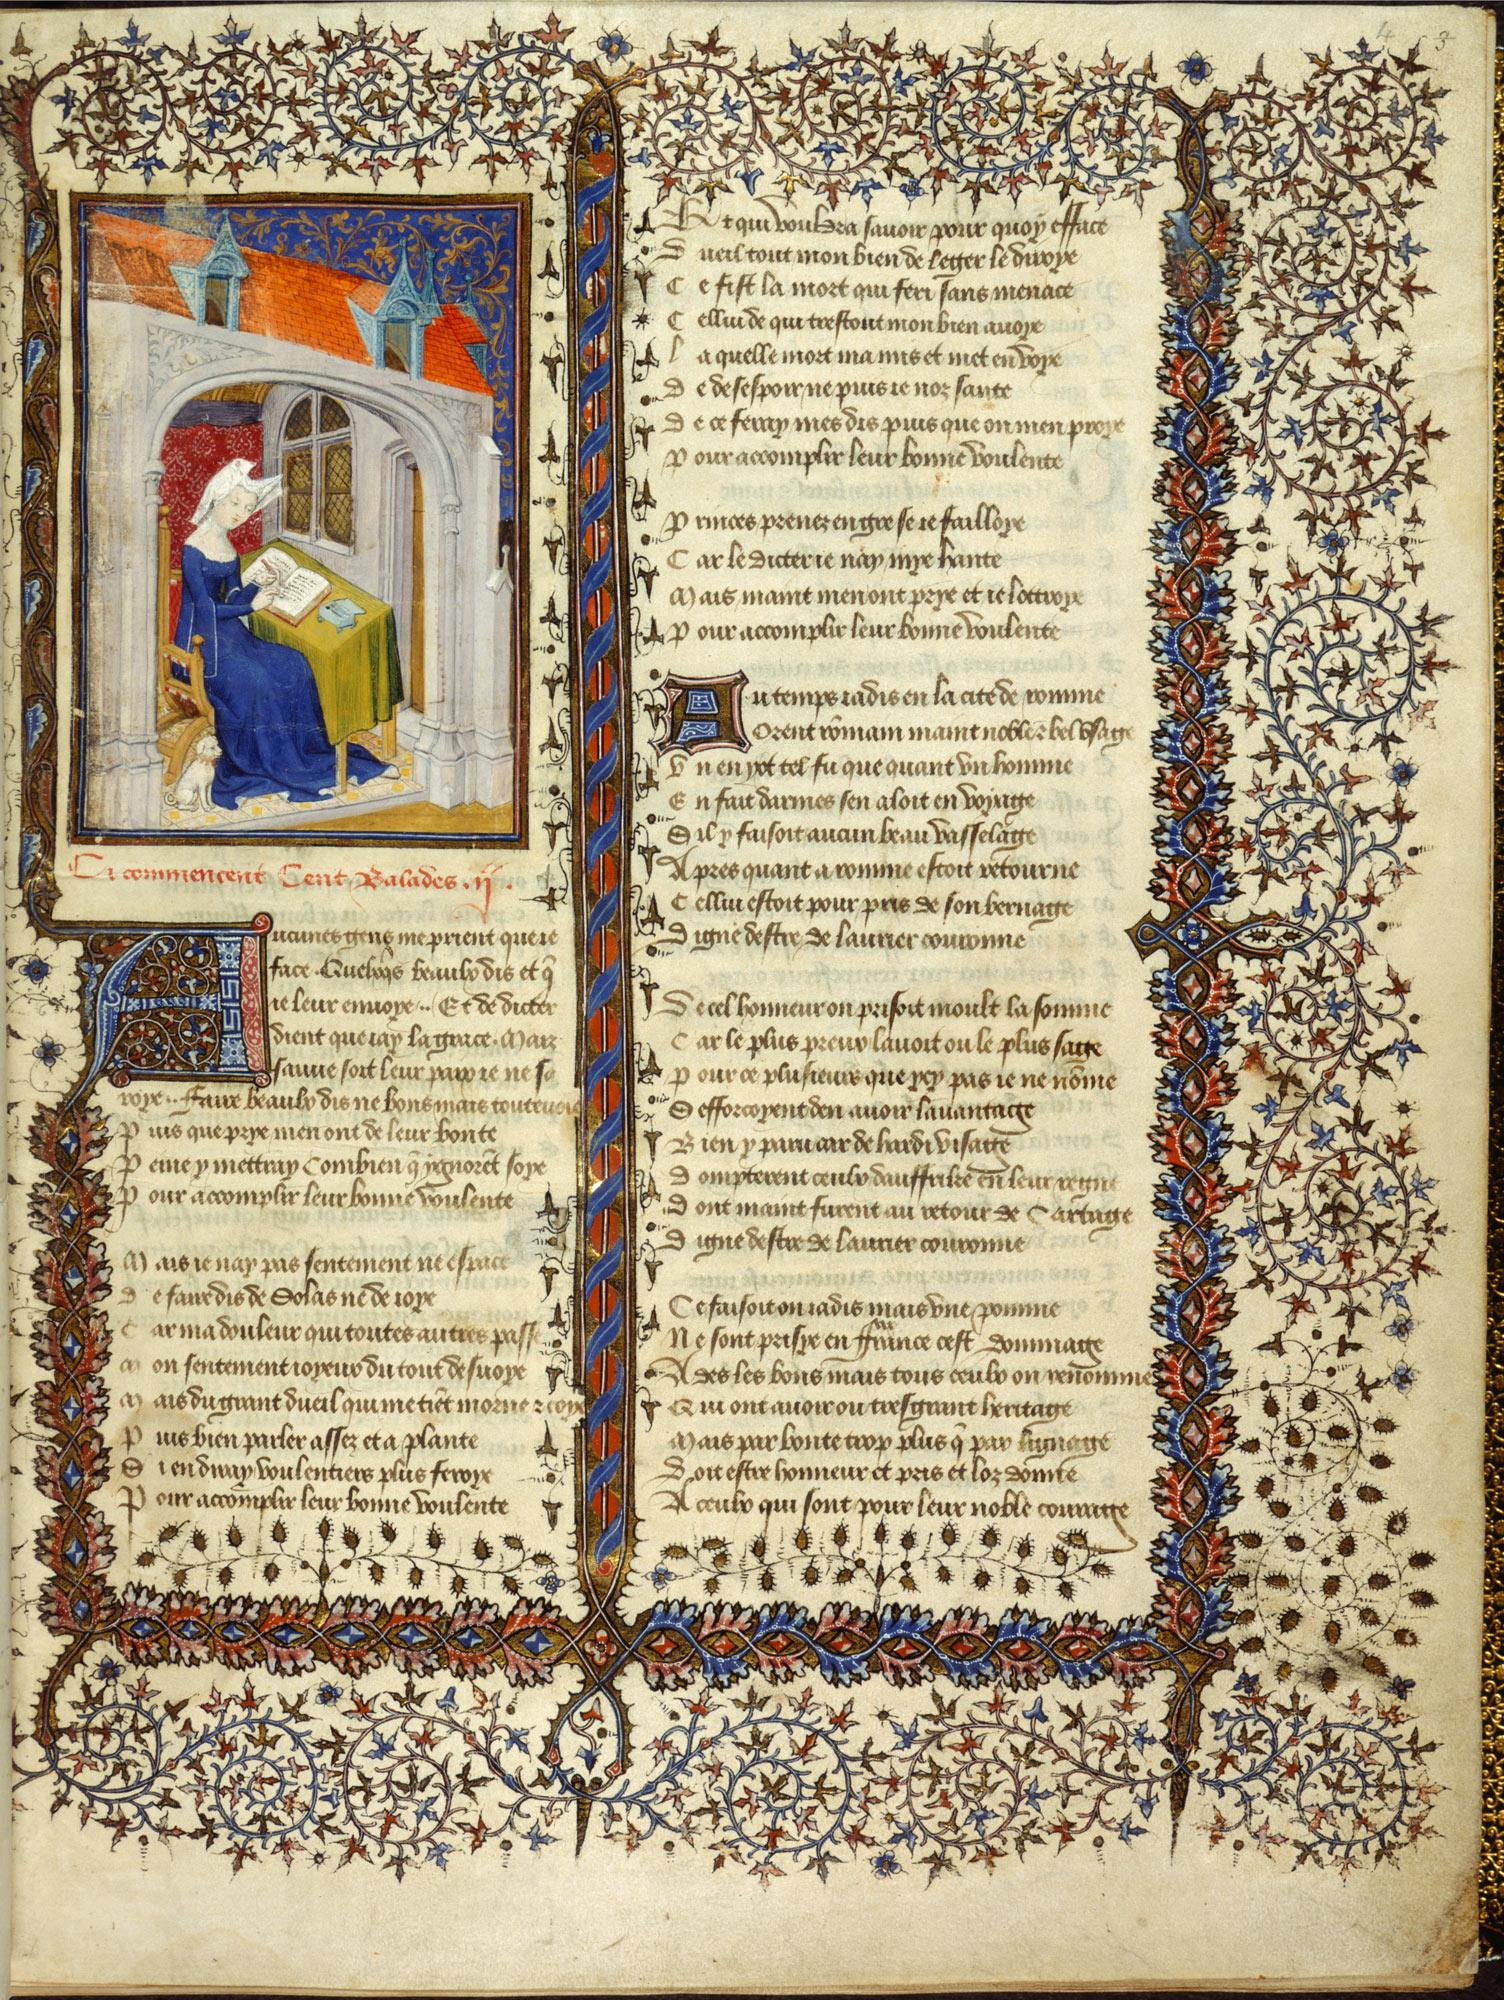 Christine de Pizan. El llibre de la reina. c.1410-14. Harely MS 4431, British Library